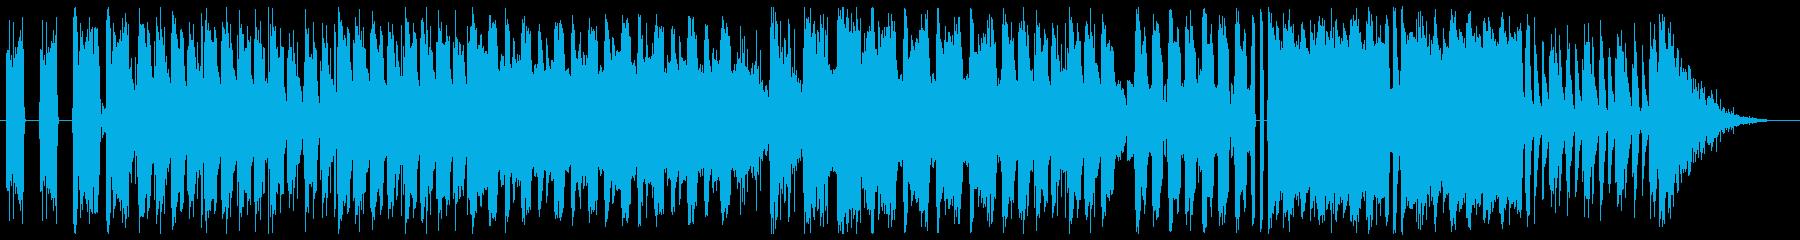 グランジ系ロックの再生済みの波形